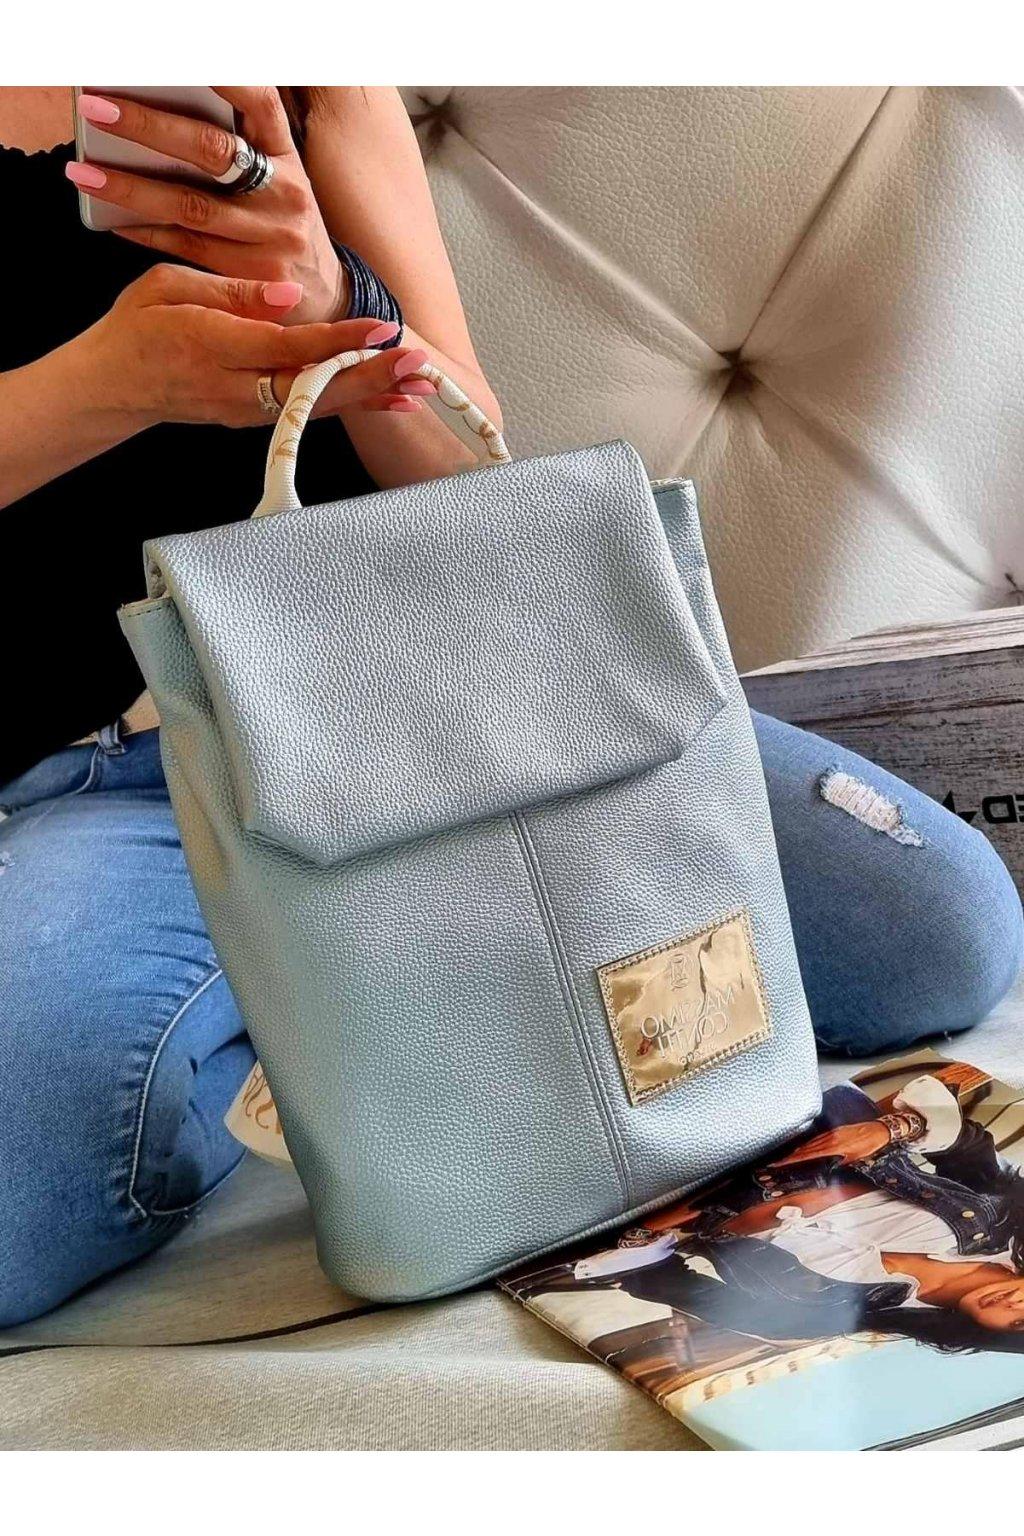 MASSIMO contti batoh značkový italy fashion luxusní značkový batoh kvalita modrý